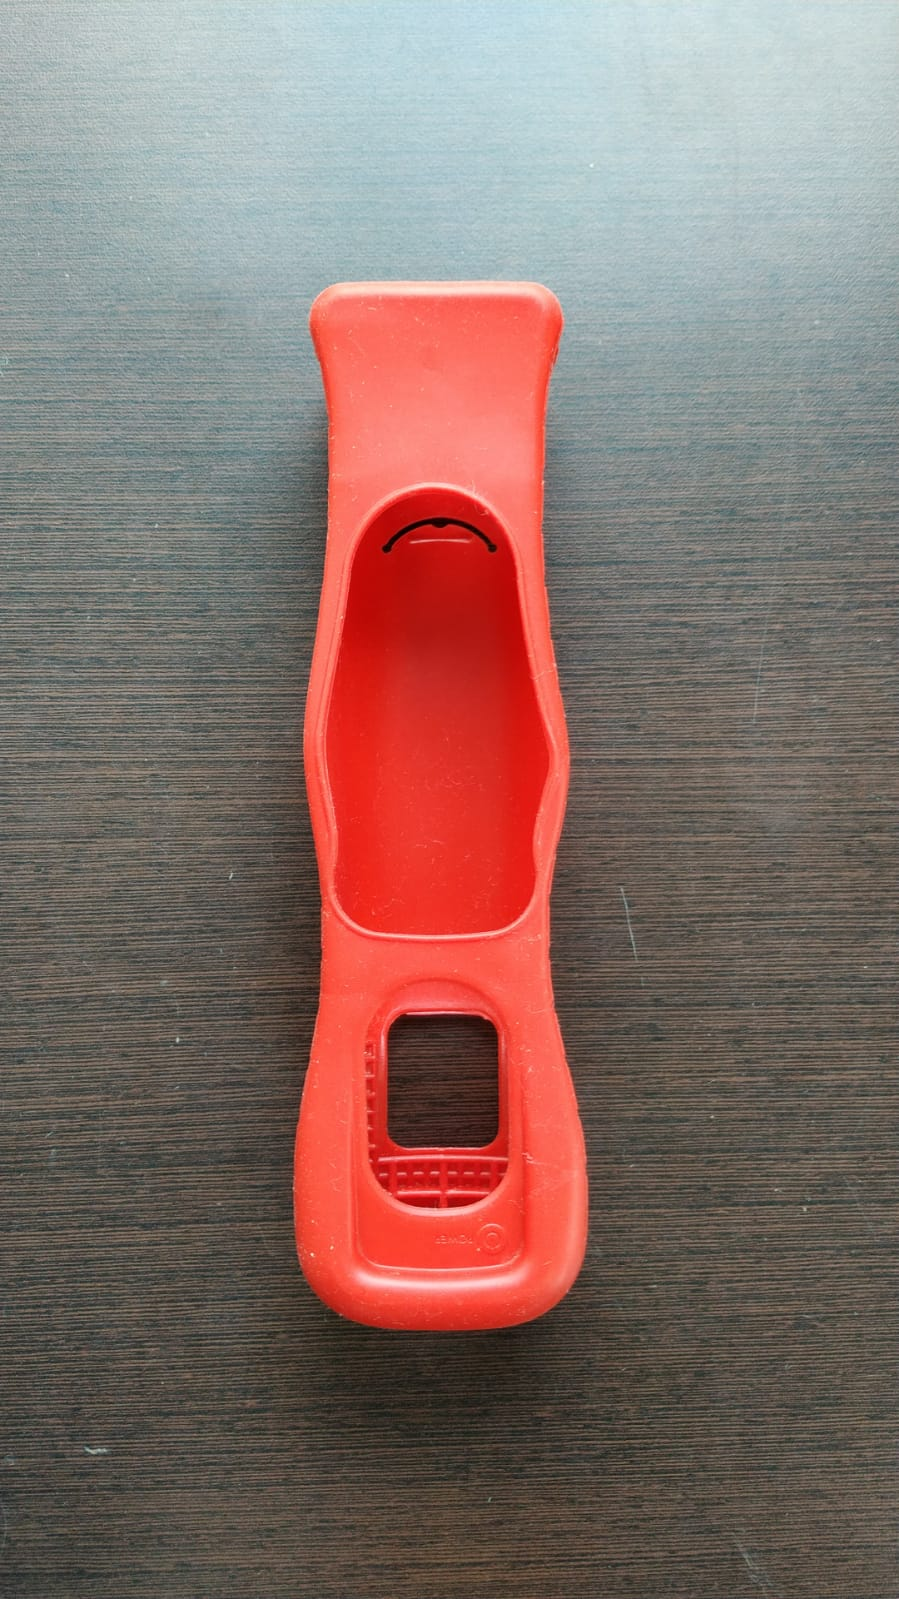 Capinha (vermelha) emborrachada para Wii Remote Plus - Nintendo Wii - Usado